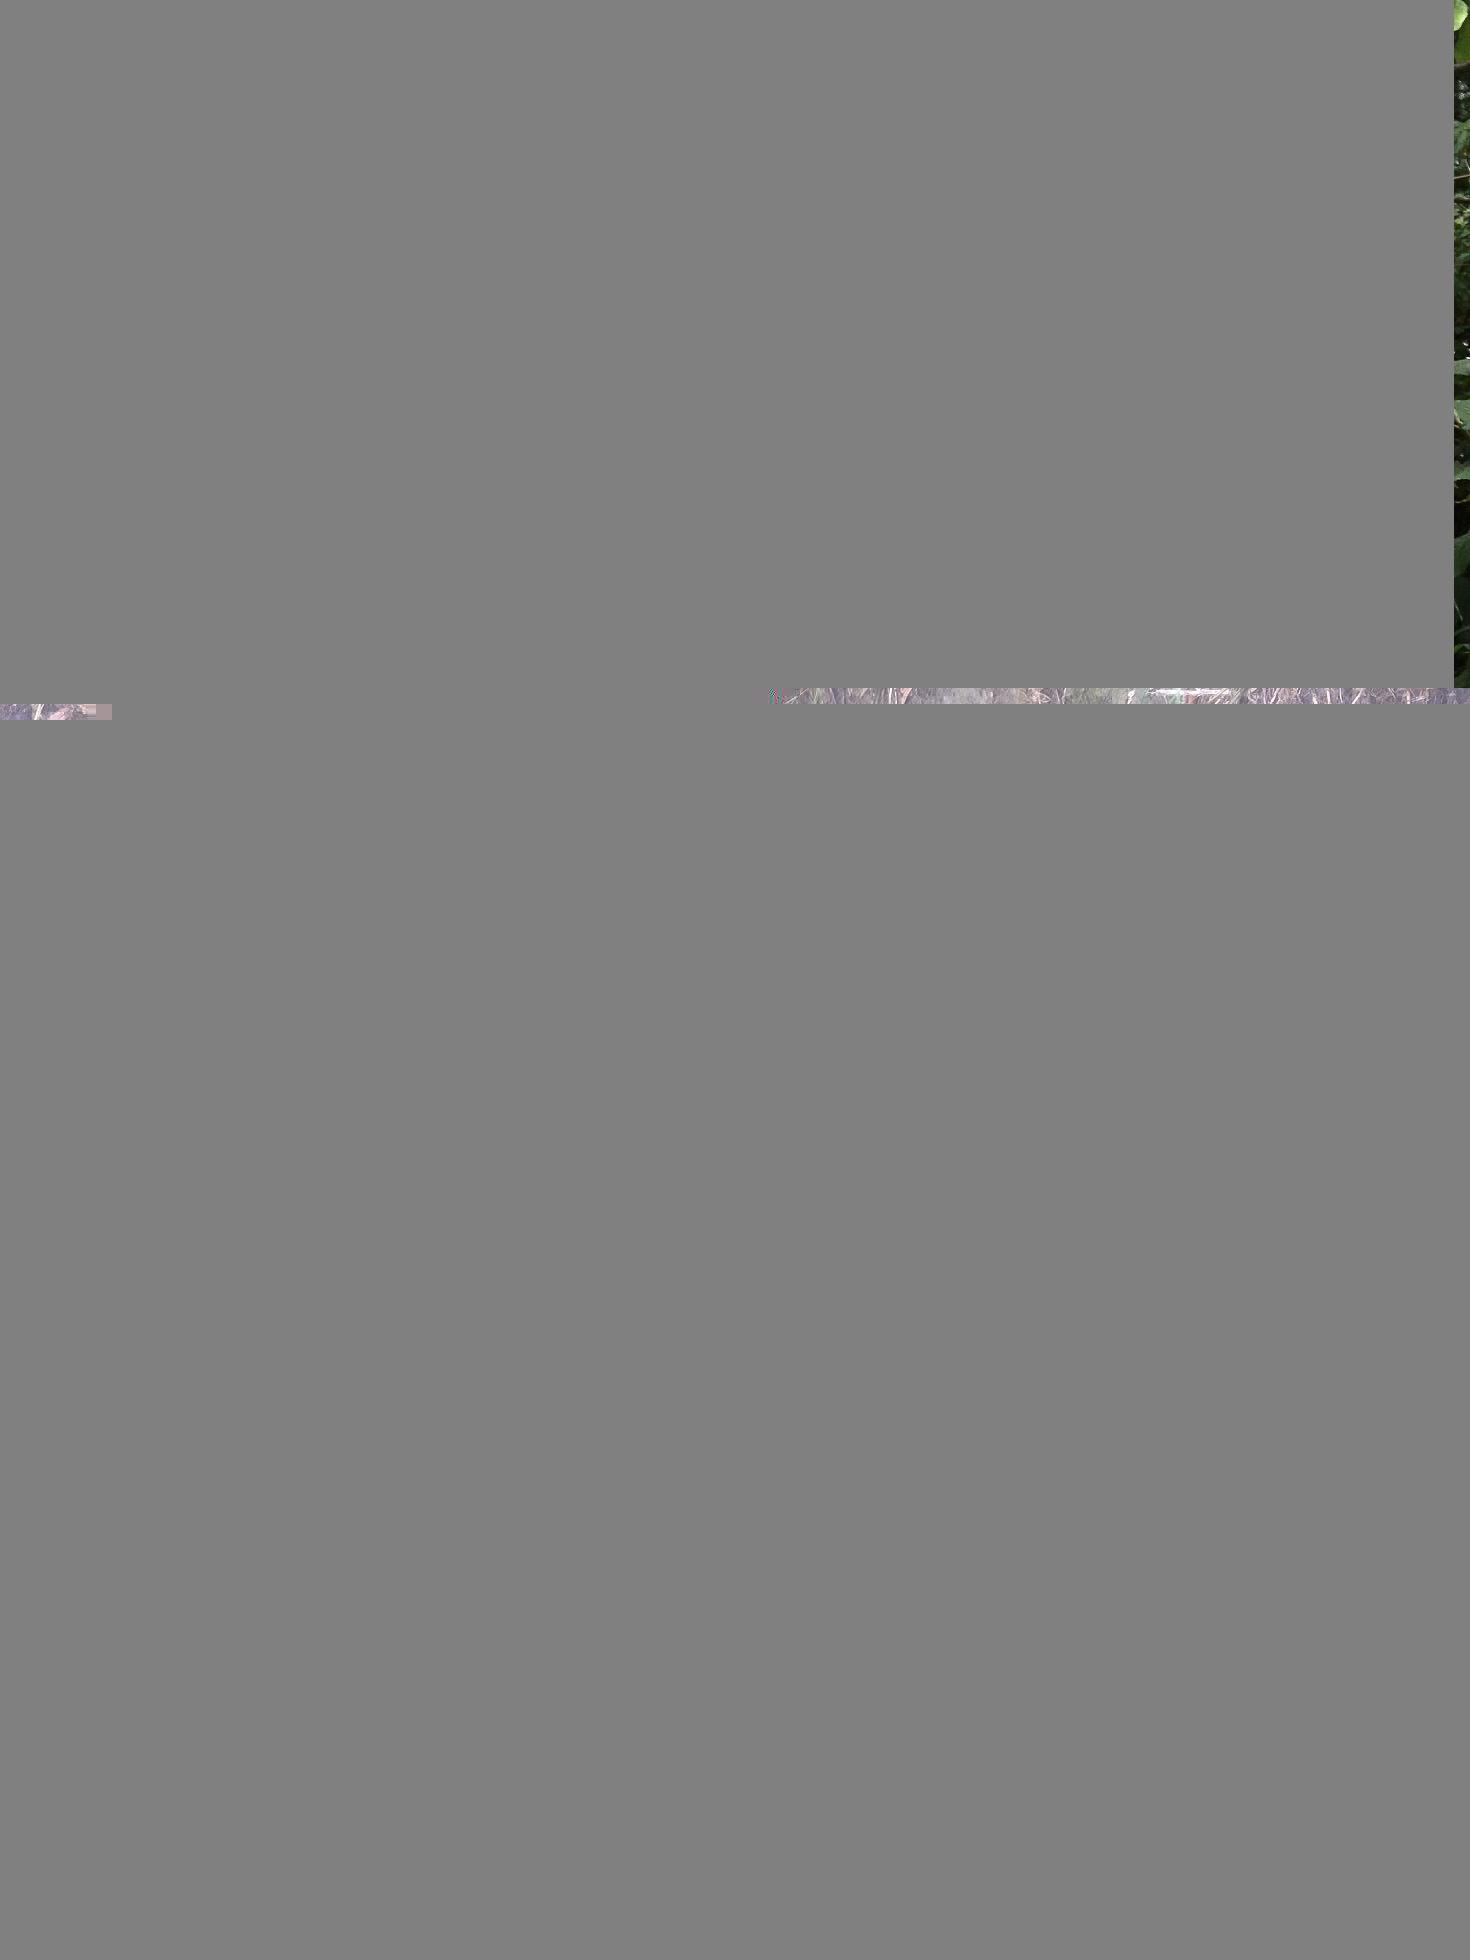 FFFCC713-DE07-4F69-9006-B43EBB860C7D.jpeg